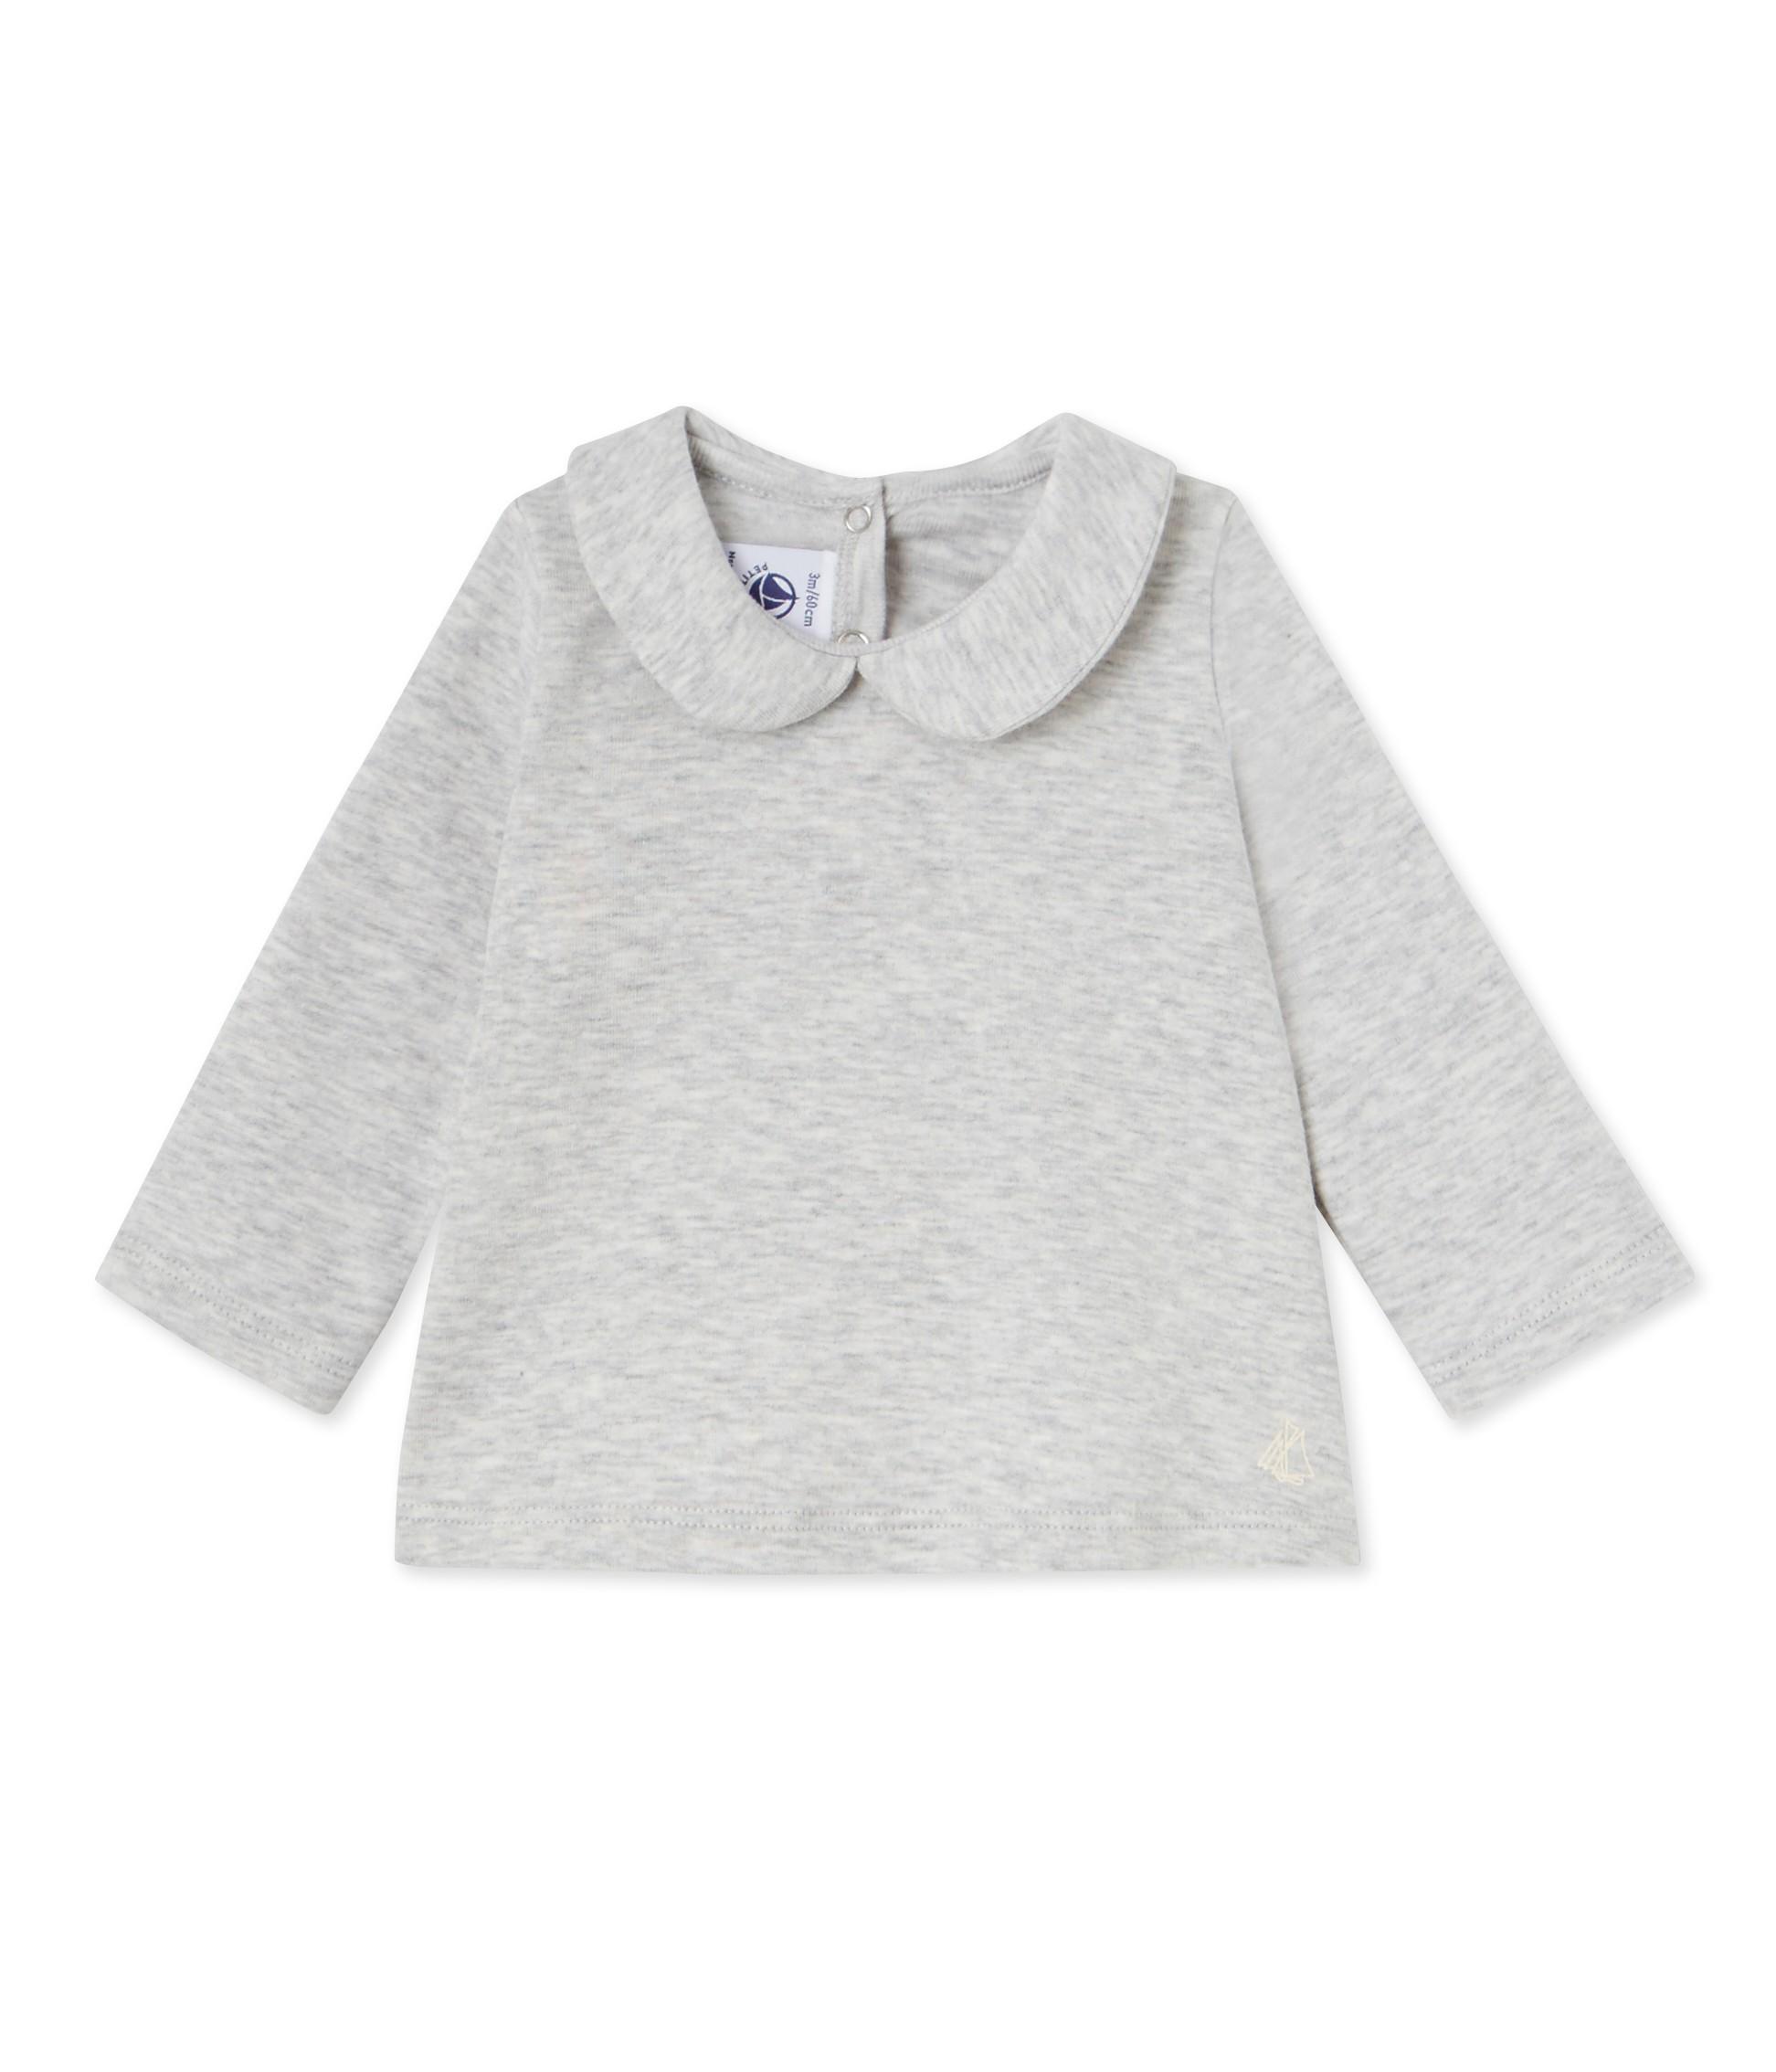 Baby girl s blouse with Peter Pan collar petit bateau